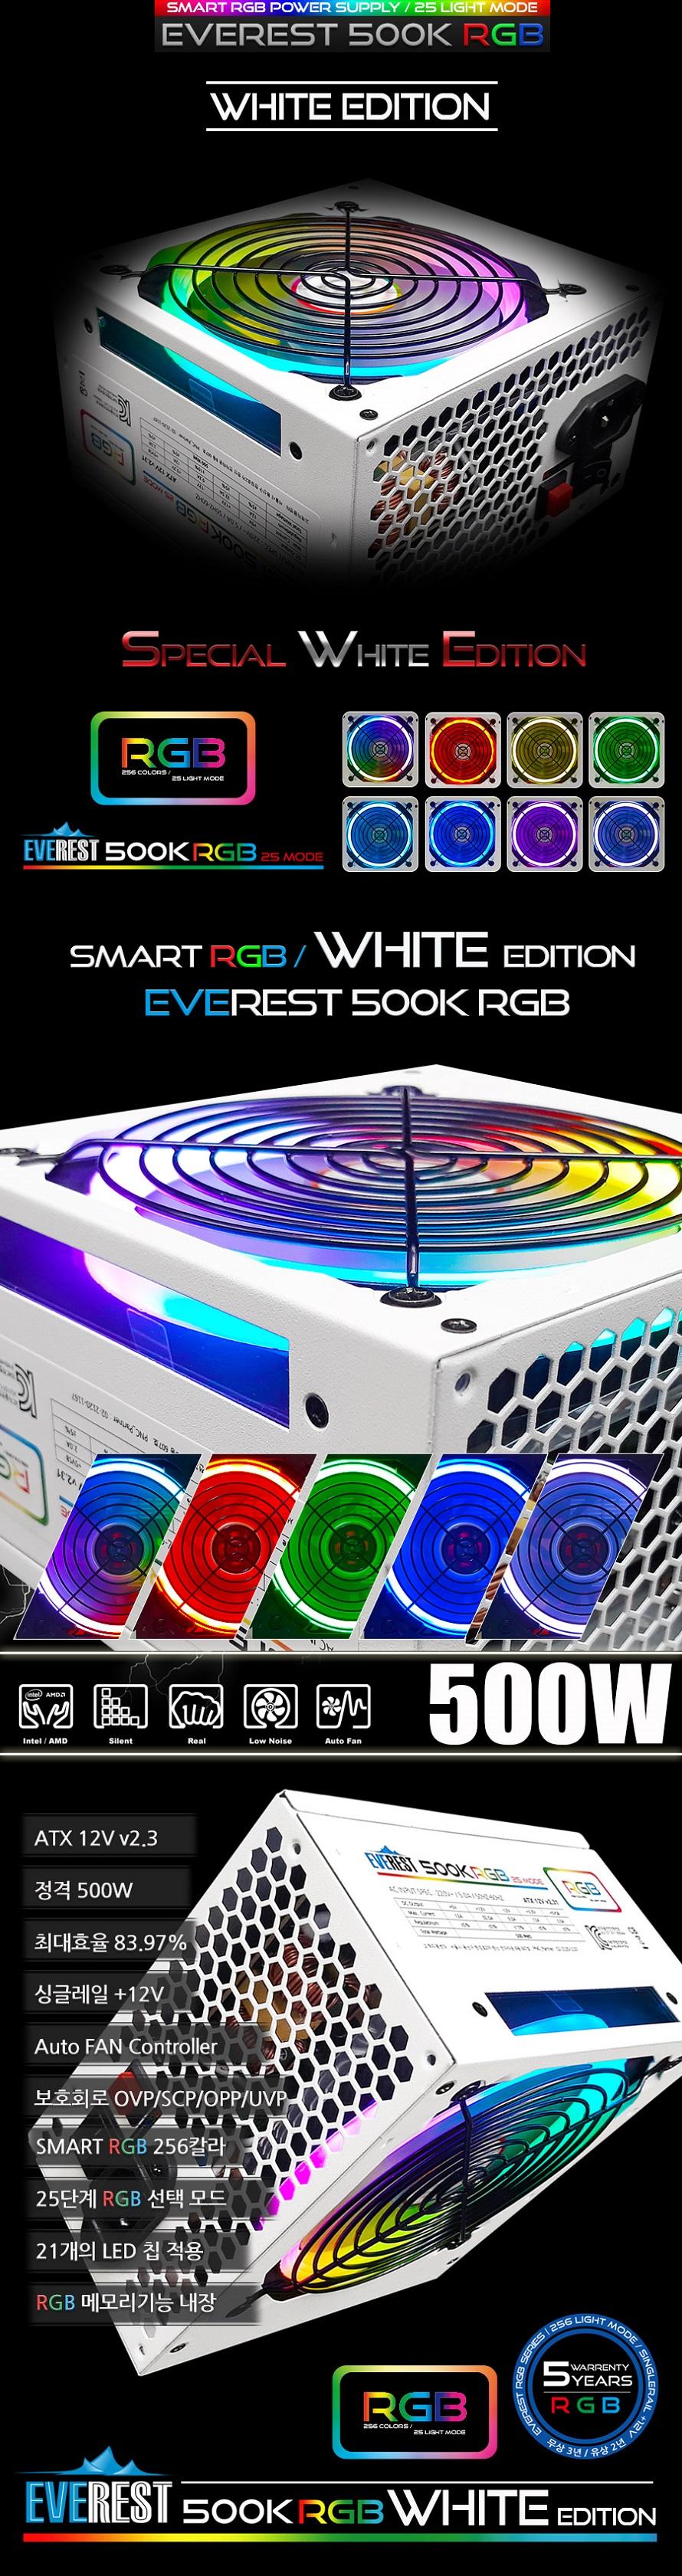 PNC PARTNER   EVEREST 500K RGB White